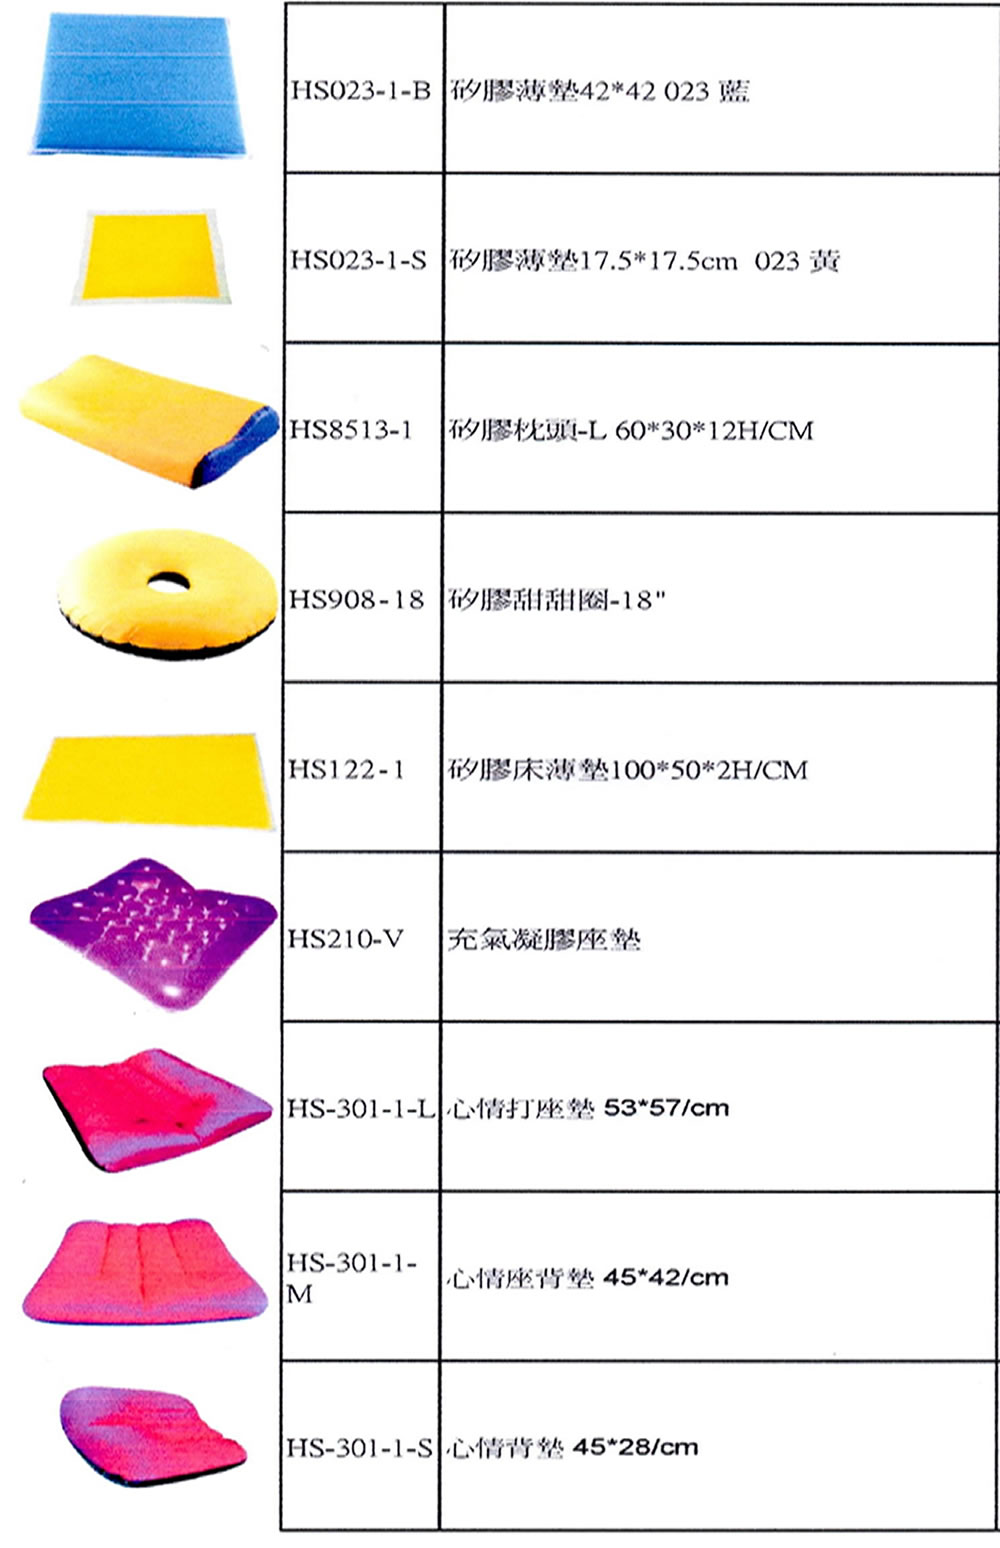 惠生減壓系列產品3-.jpg